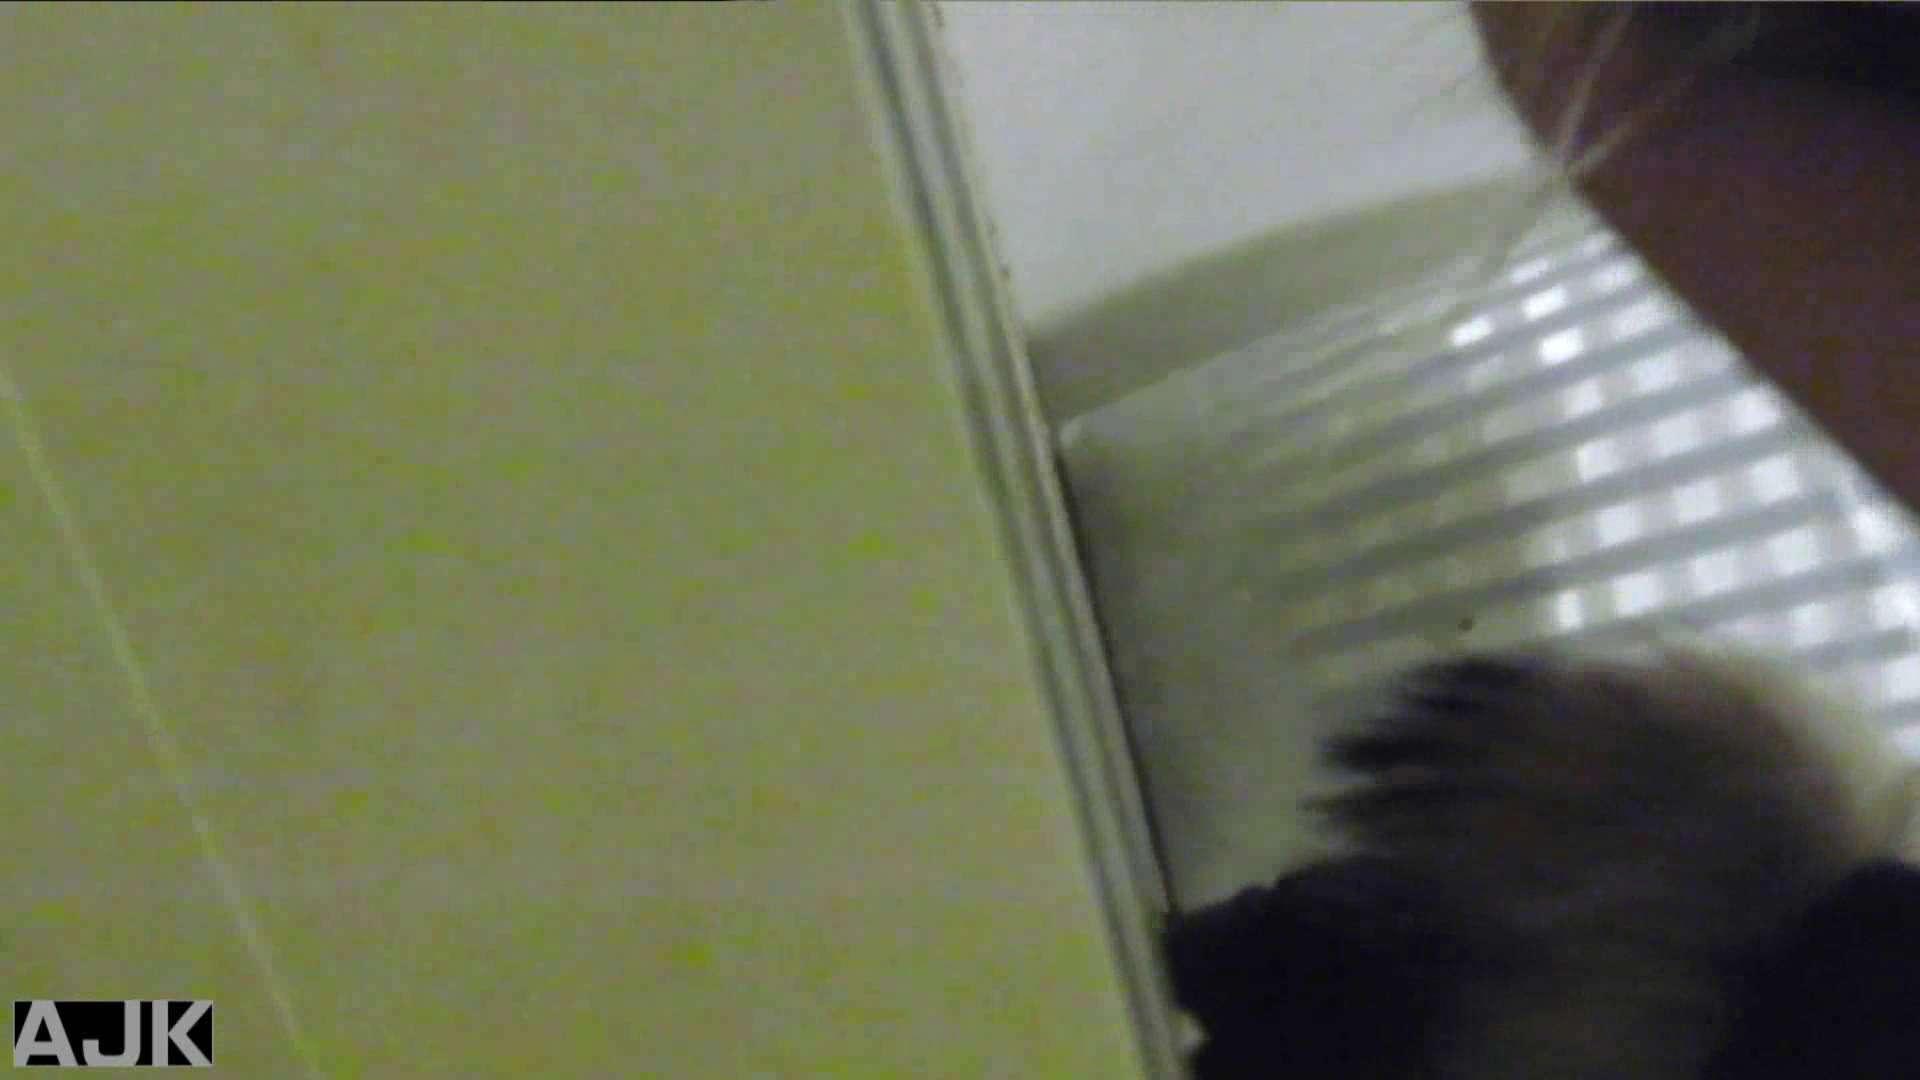 神降臨!史上最強の潜入かわや! vol.29 肛門 覗きオメコ動画キャプチャ 75画像 13